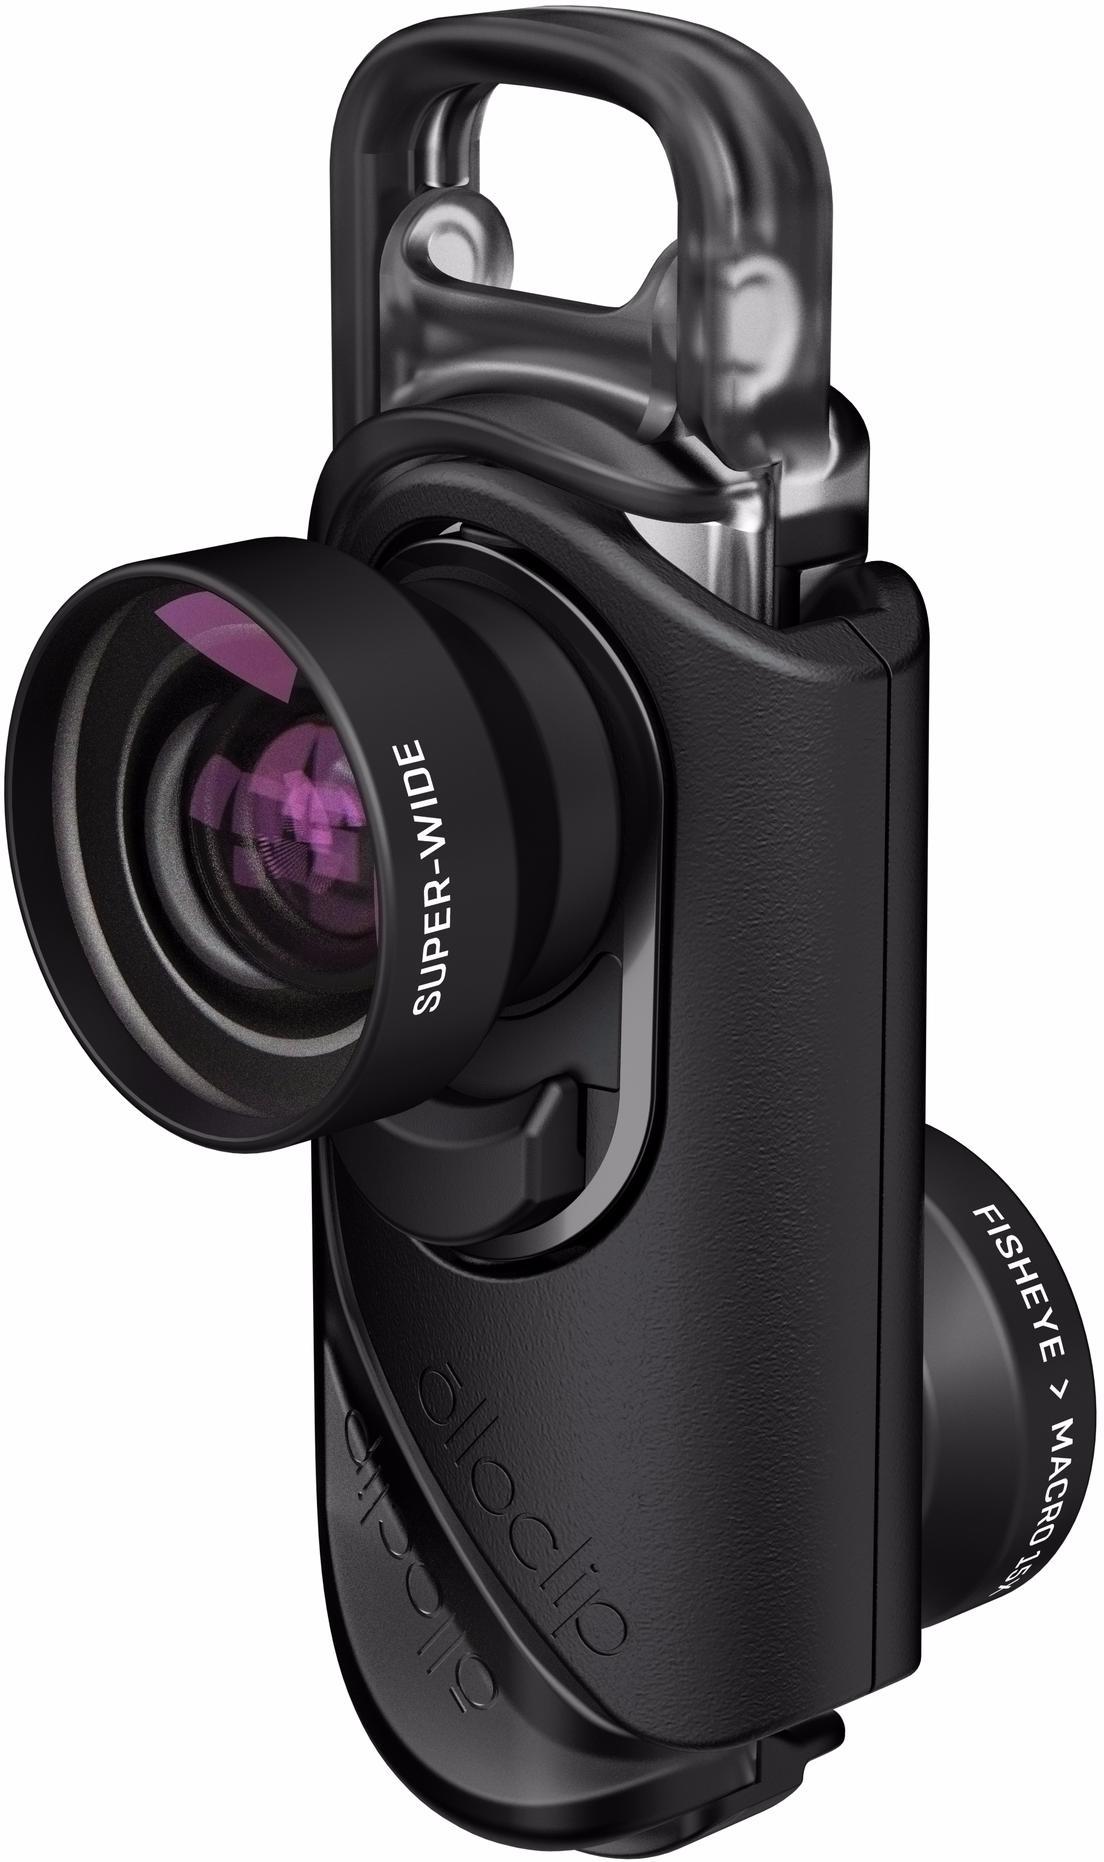 Купить Olloclip Core Lens Set (OC-0000216-EU) - комплект объективов для iPhone 7/7 Plus (Black)